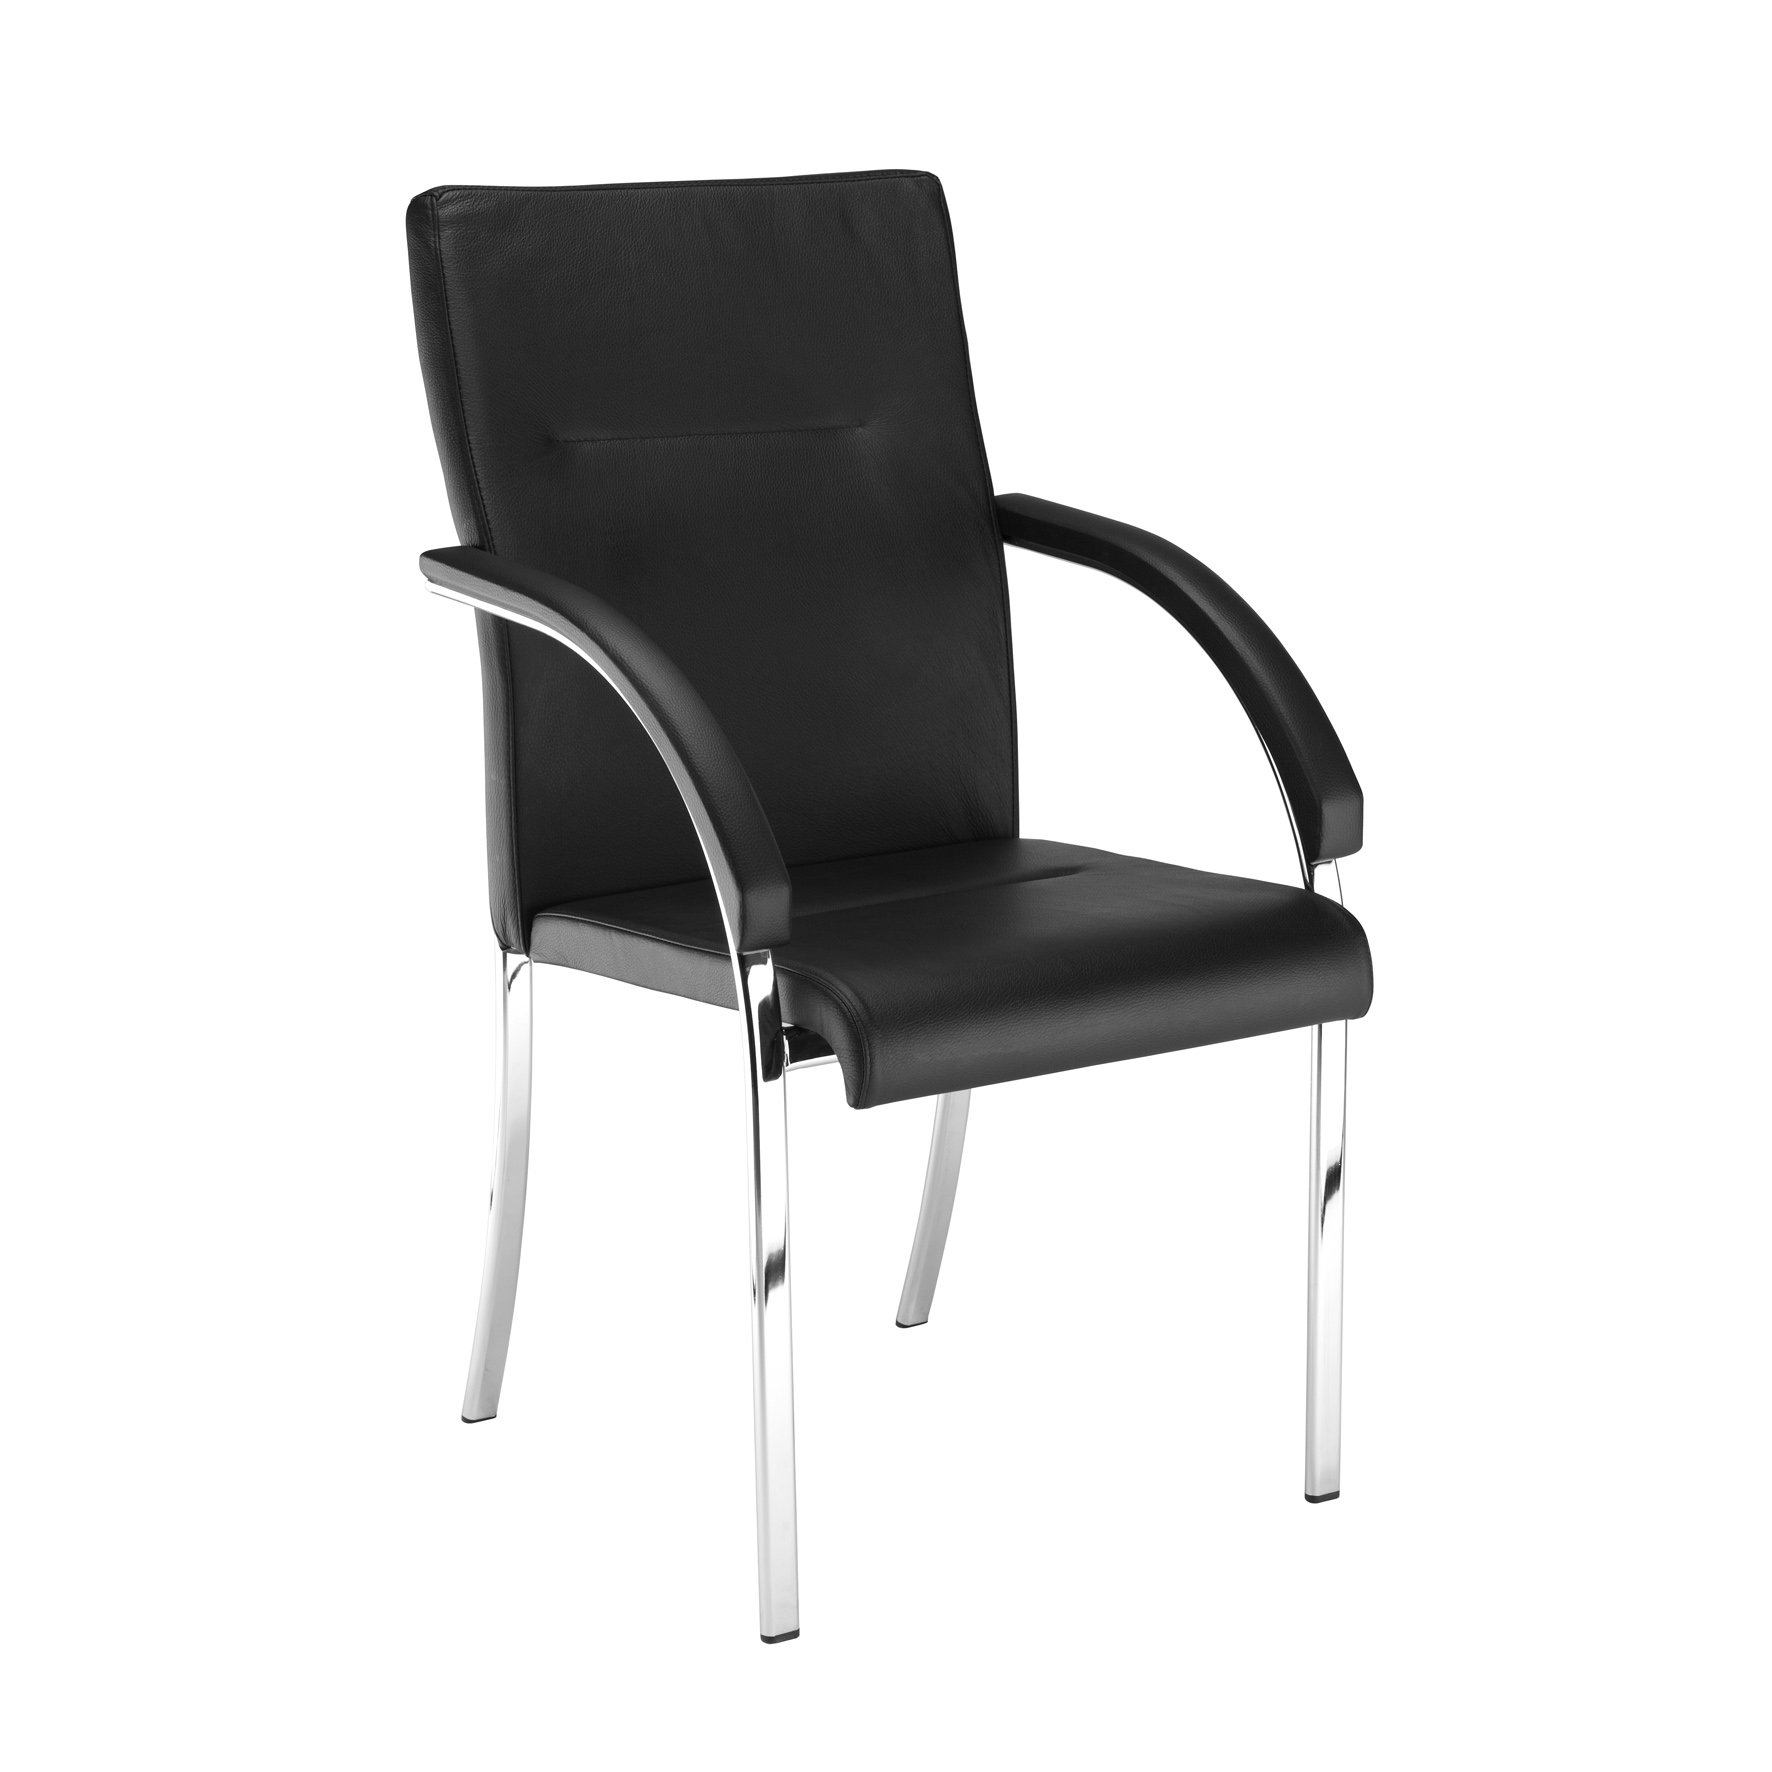 Посетителски стол - Neo LUX